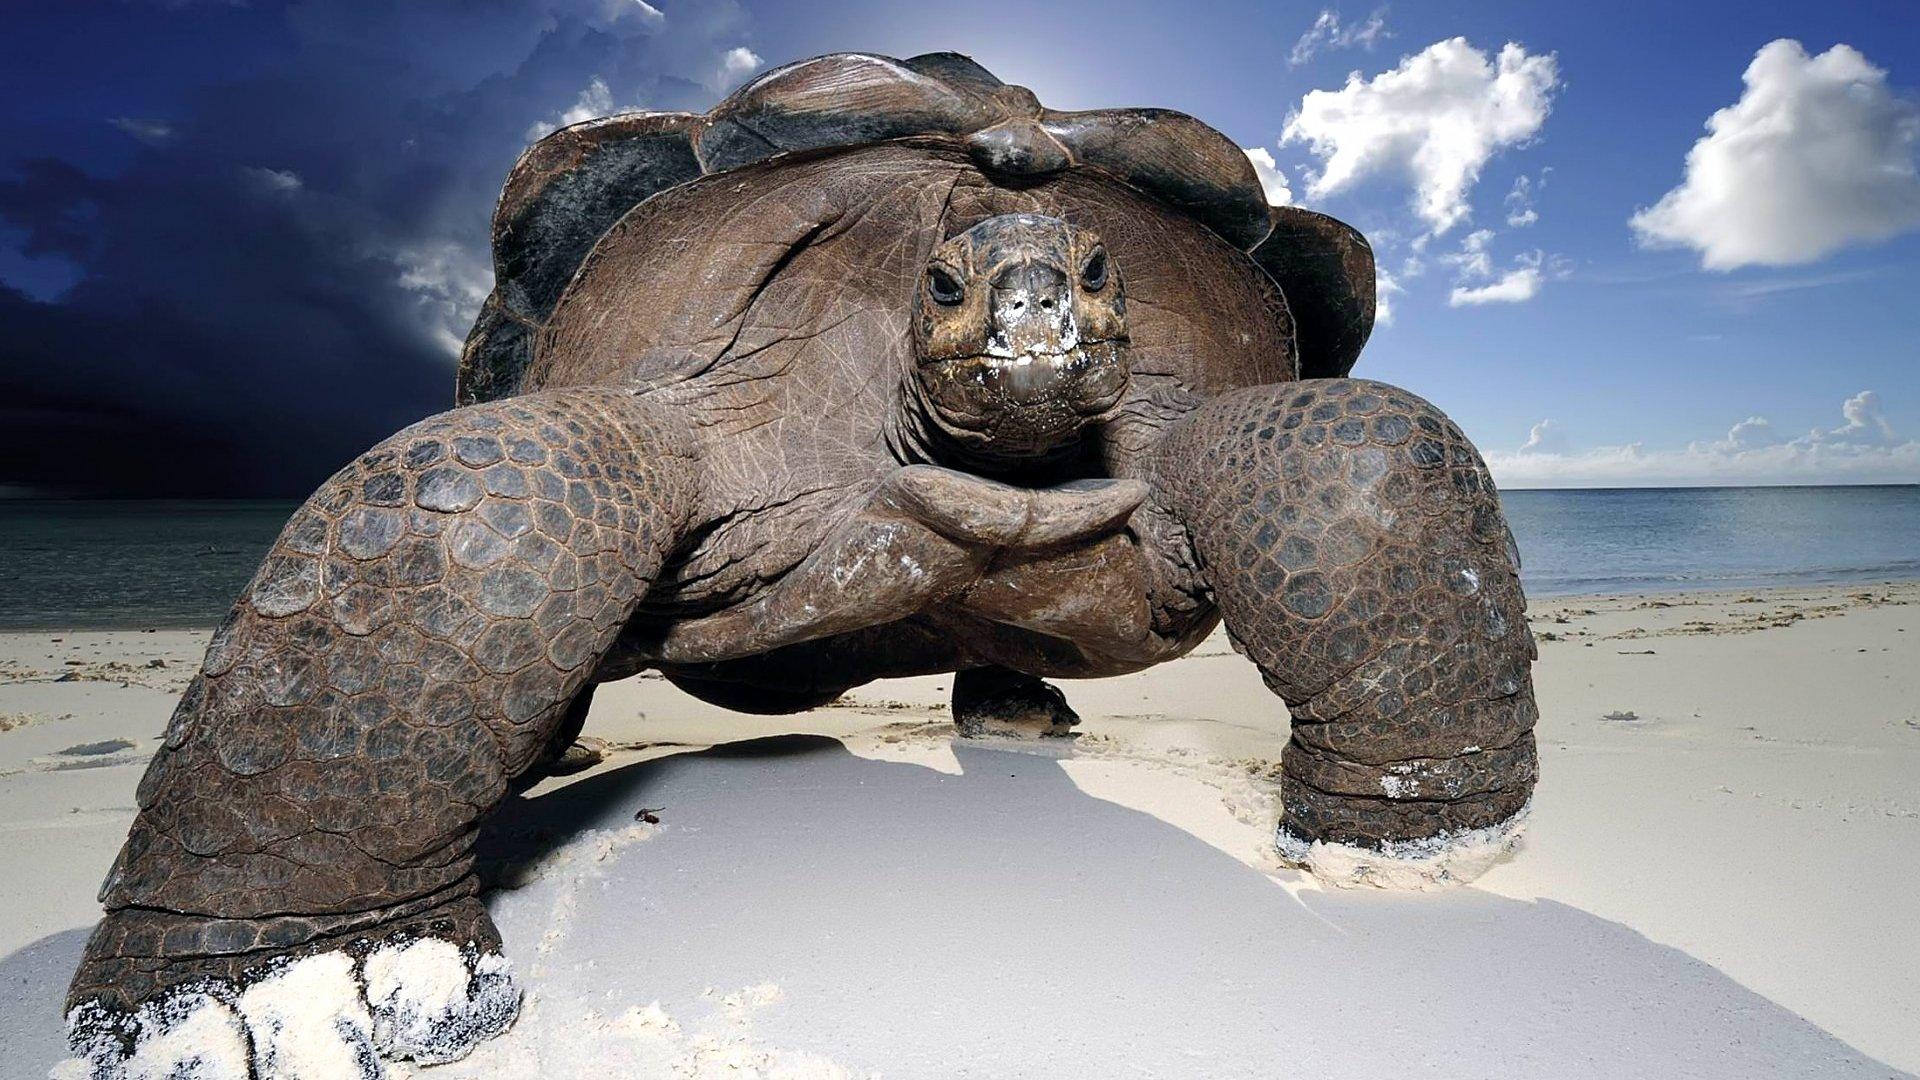 07_turtle_july